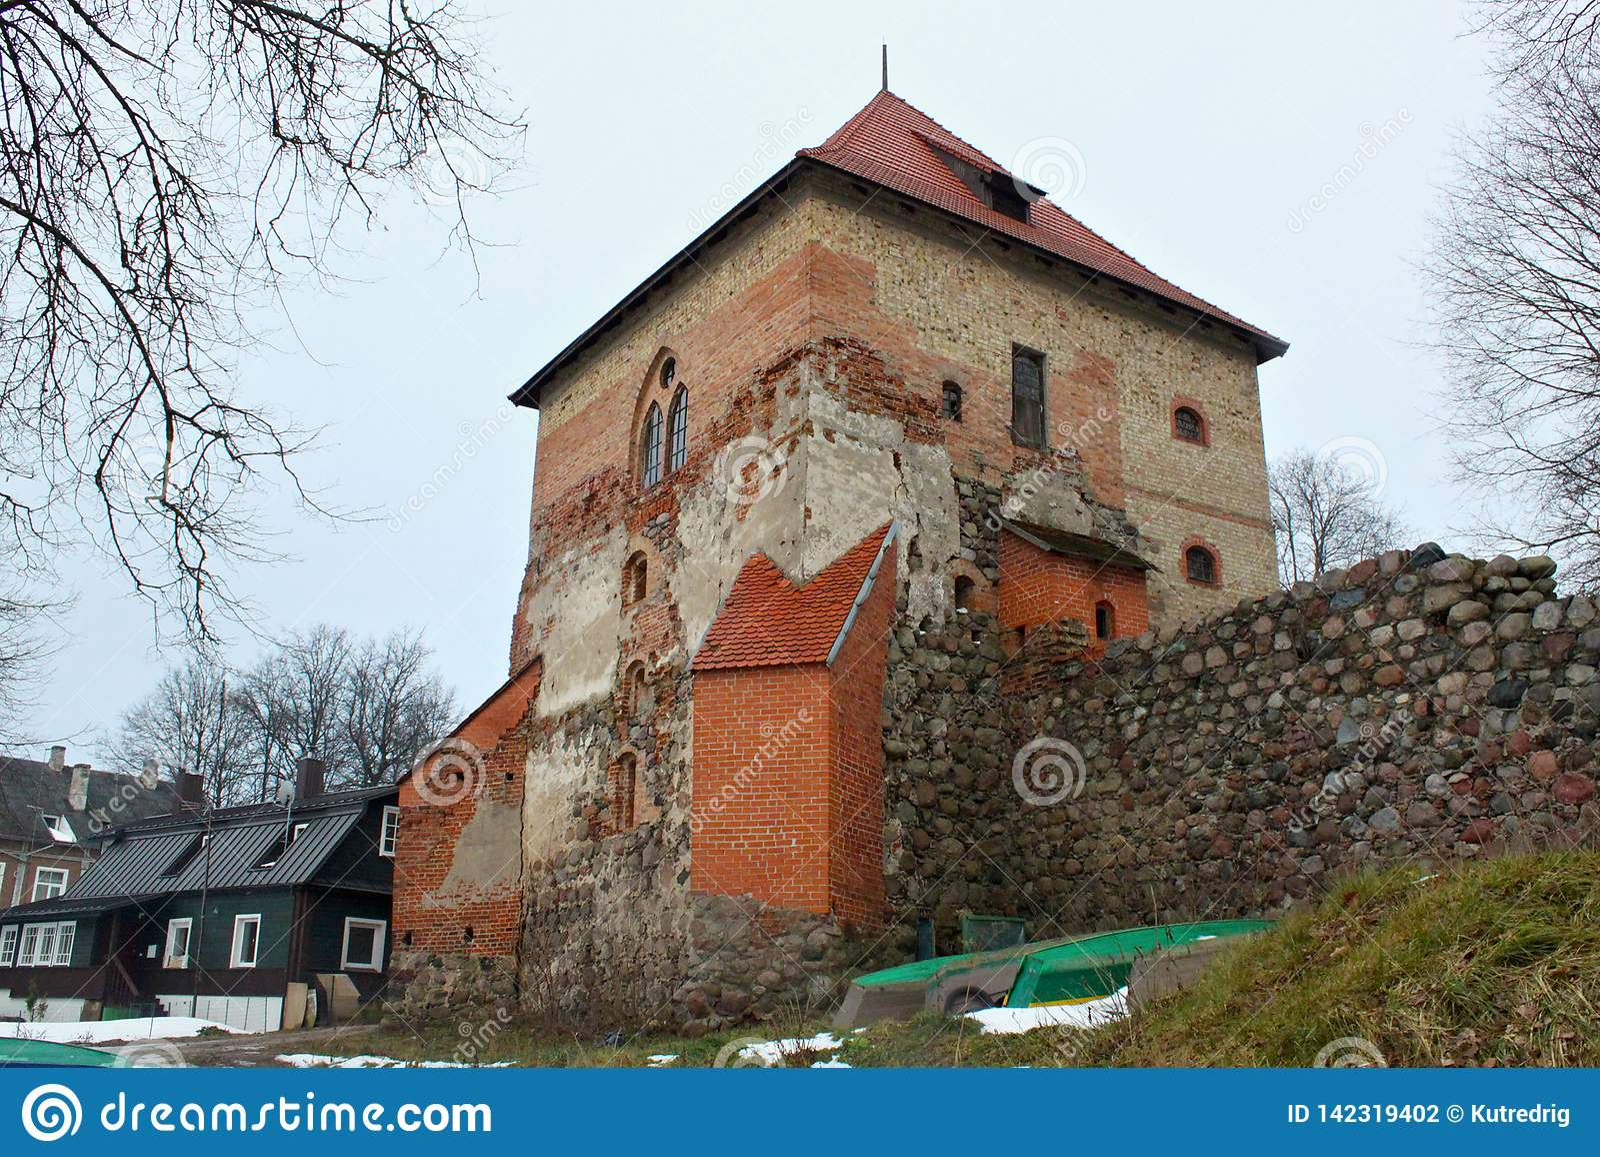 TRAKAI, LITHUANIA - JANUARY 02, 2013: Trakai Peninsula Castle.